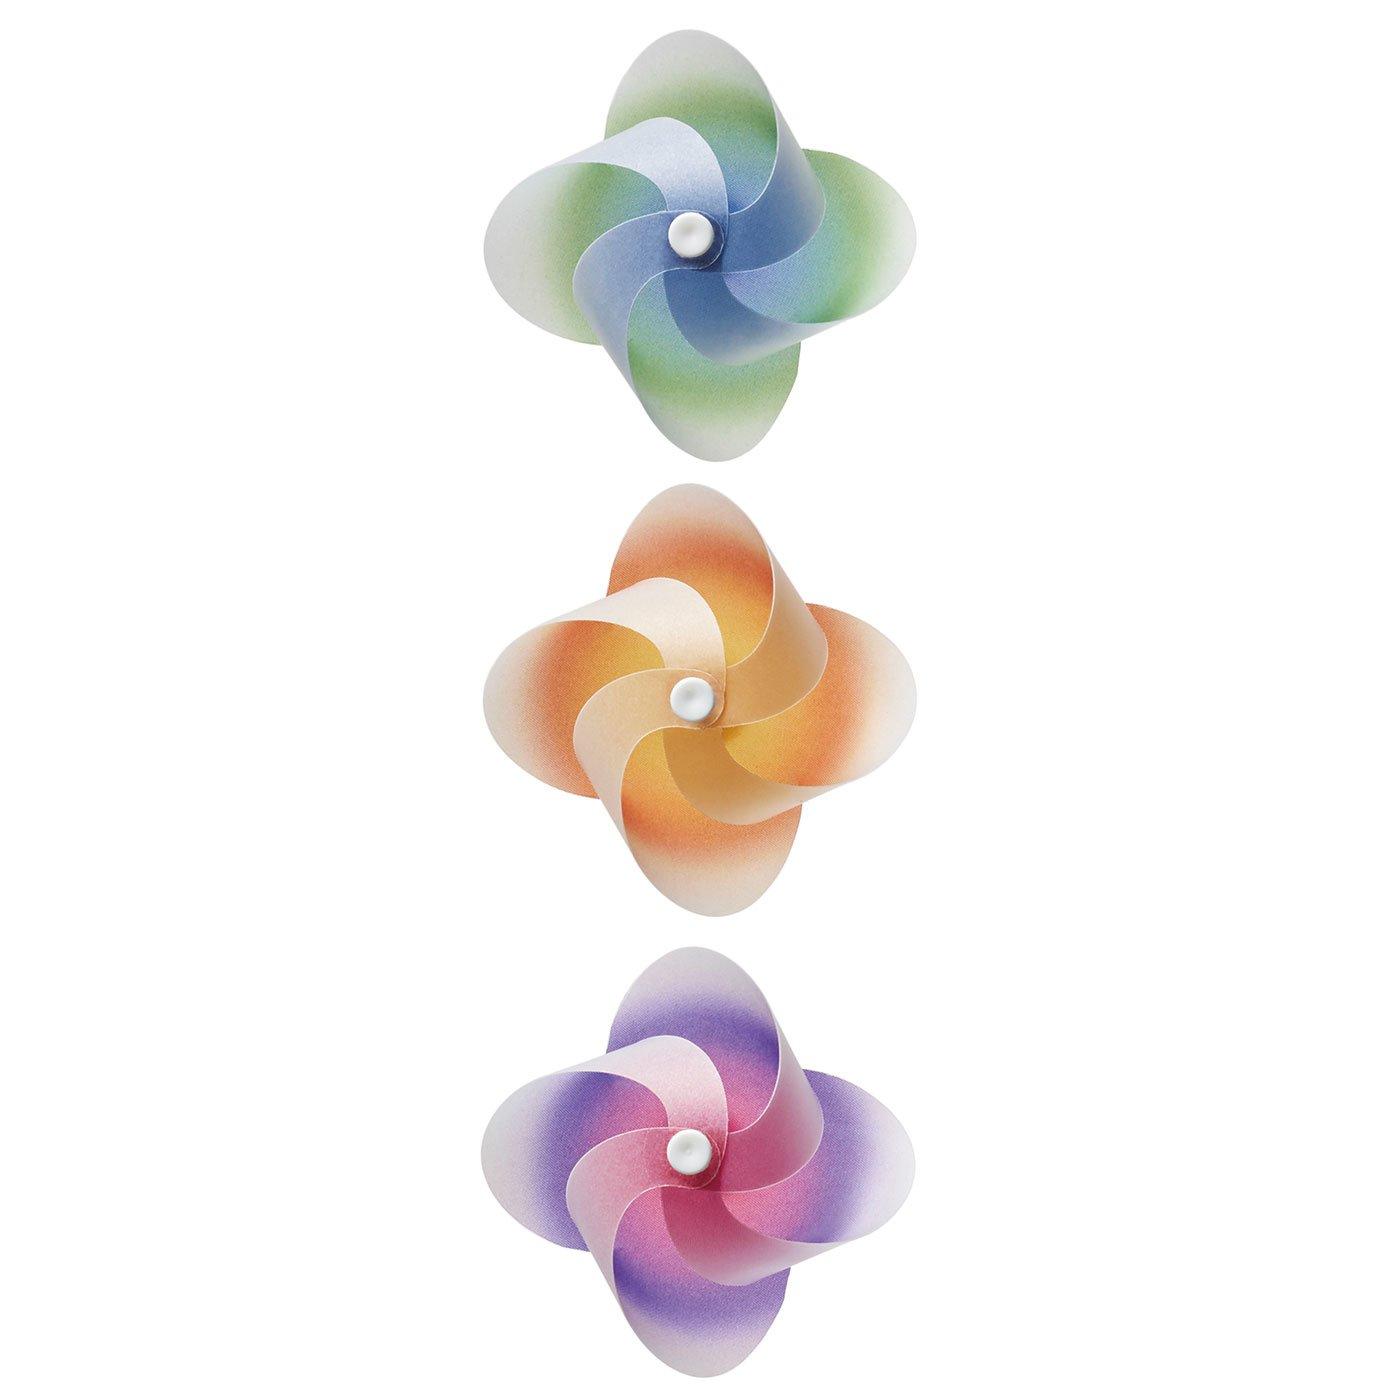 暮らしに風を飾るマグネット「カゼグルマ」3個セット(カラフル)